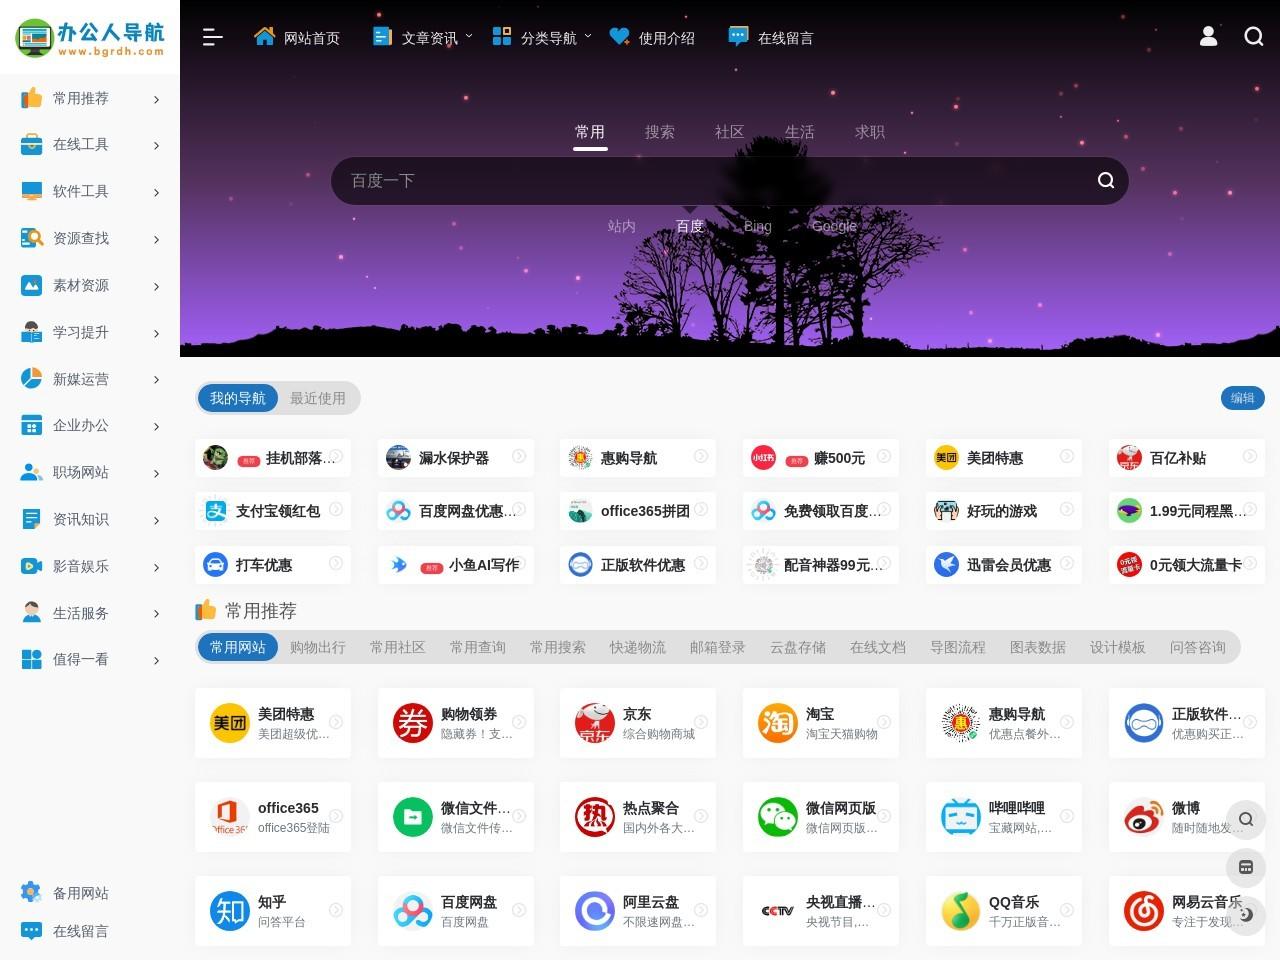 办公人导航_实用的办公软件及网址导航网站